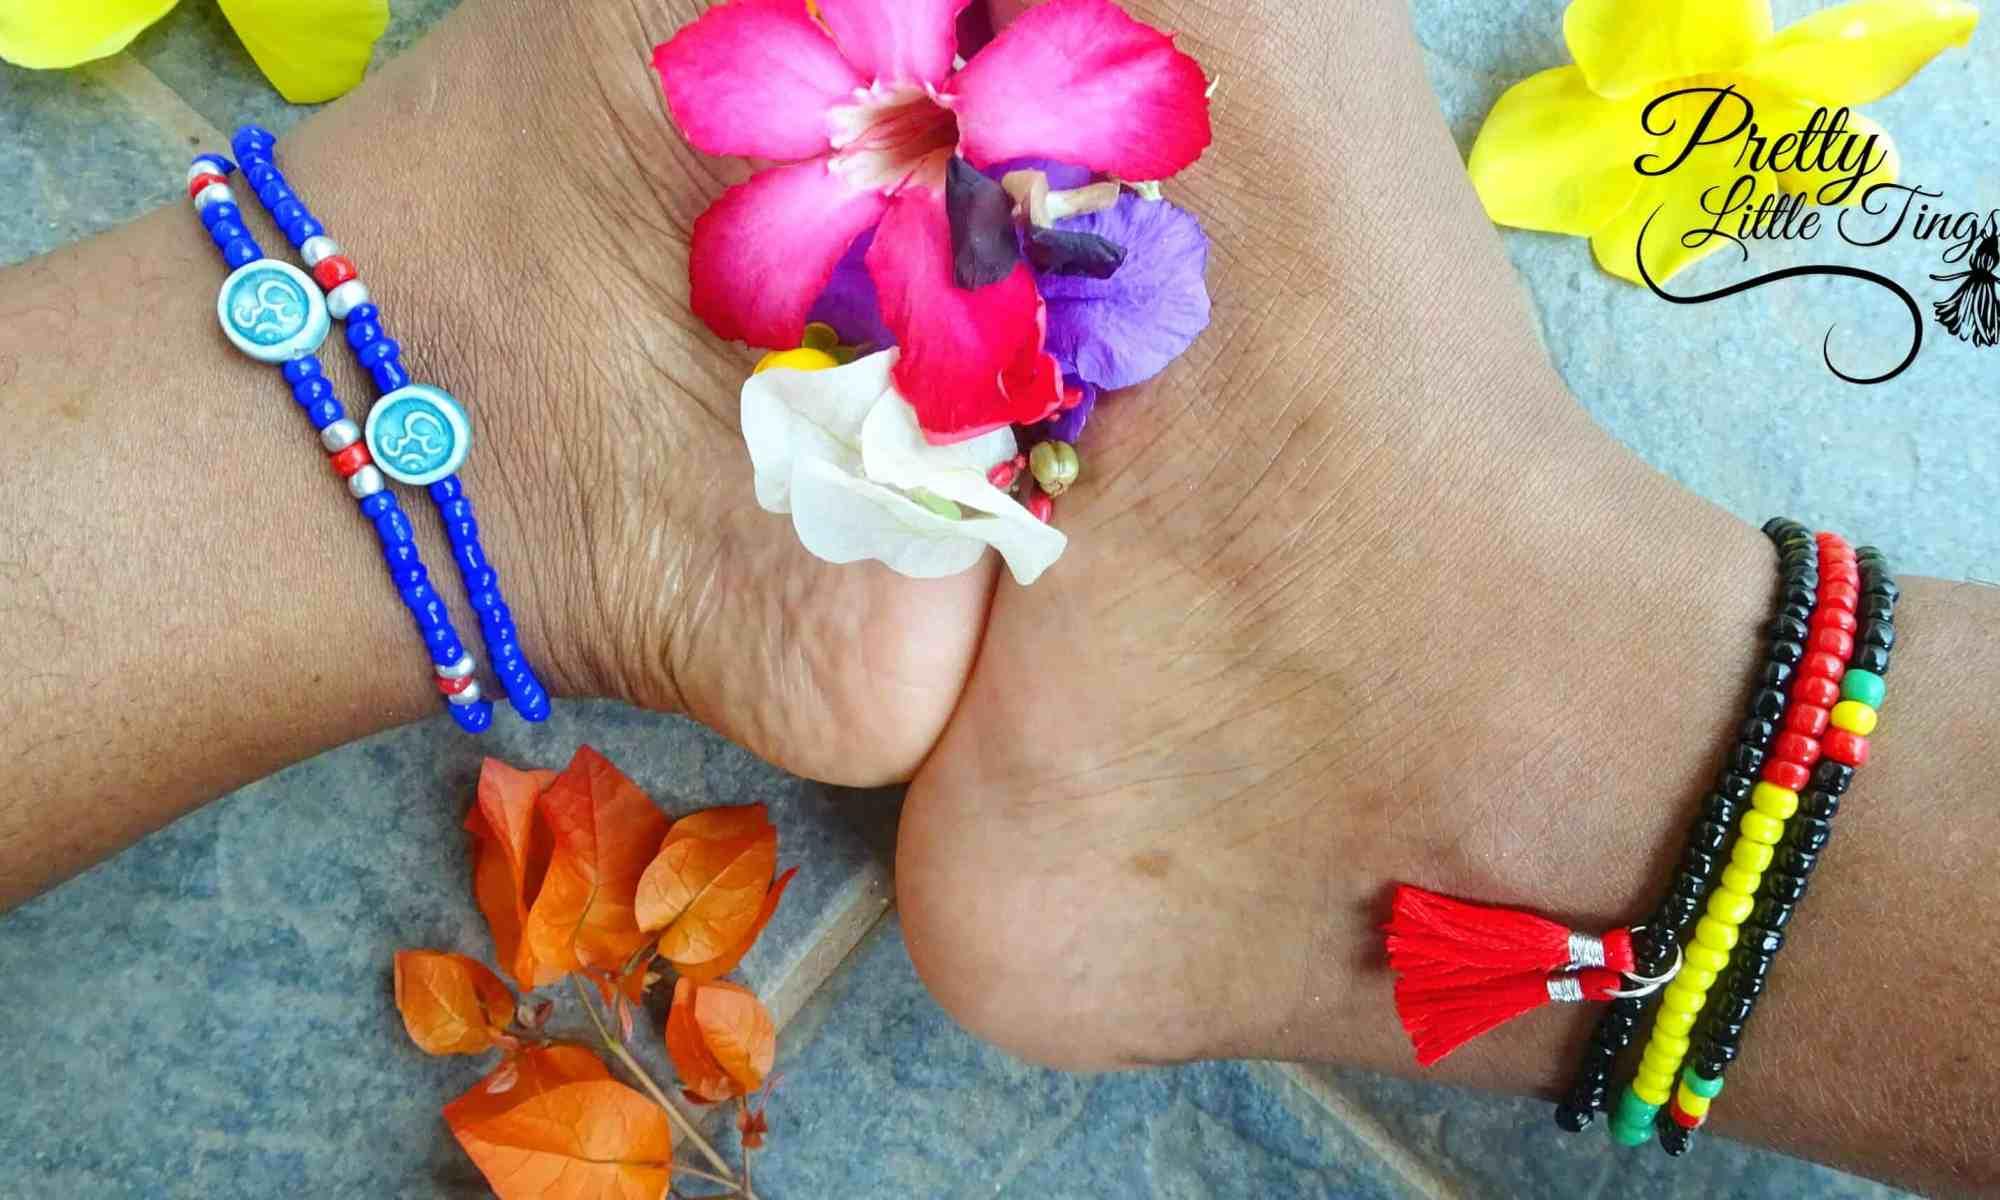 Pretty Little Tings Ankle Bracelets